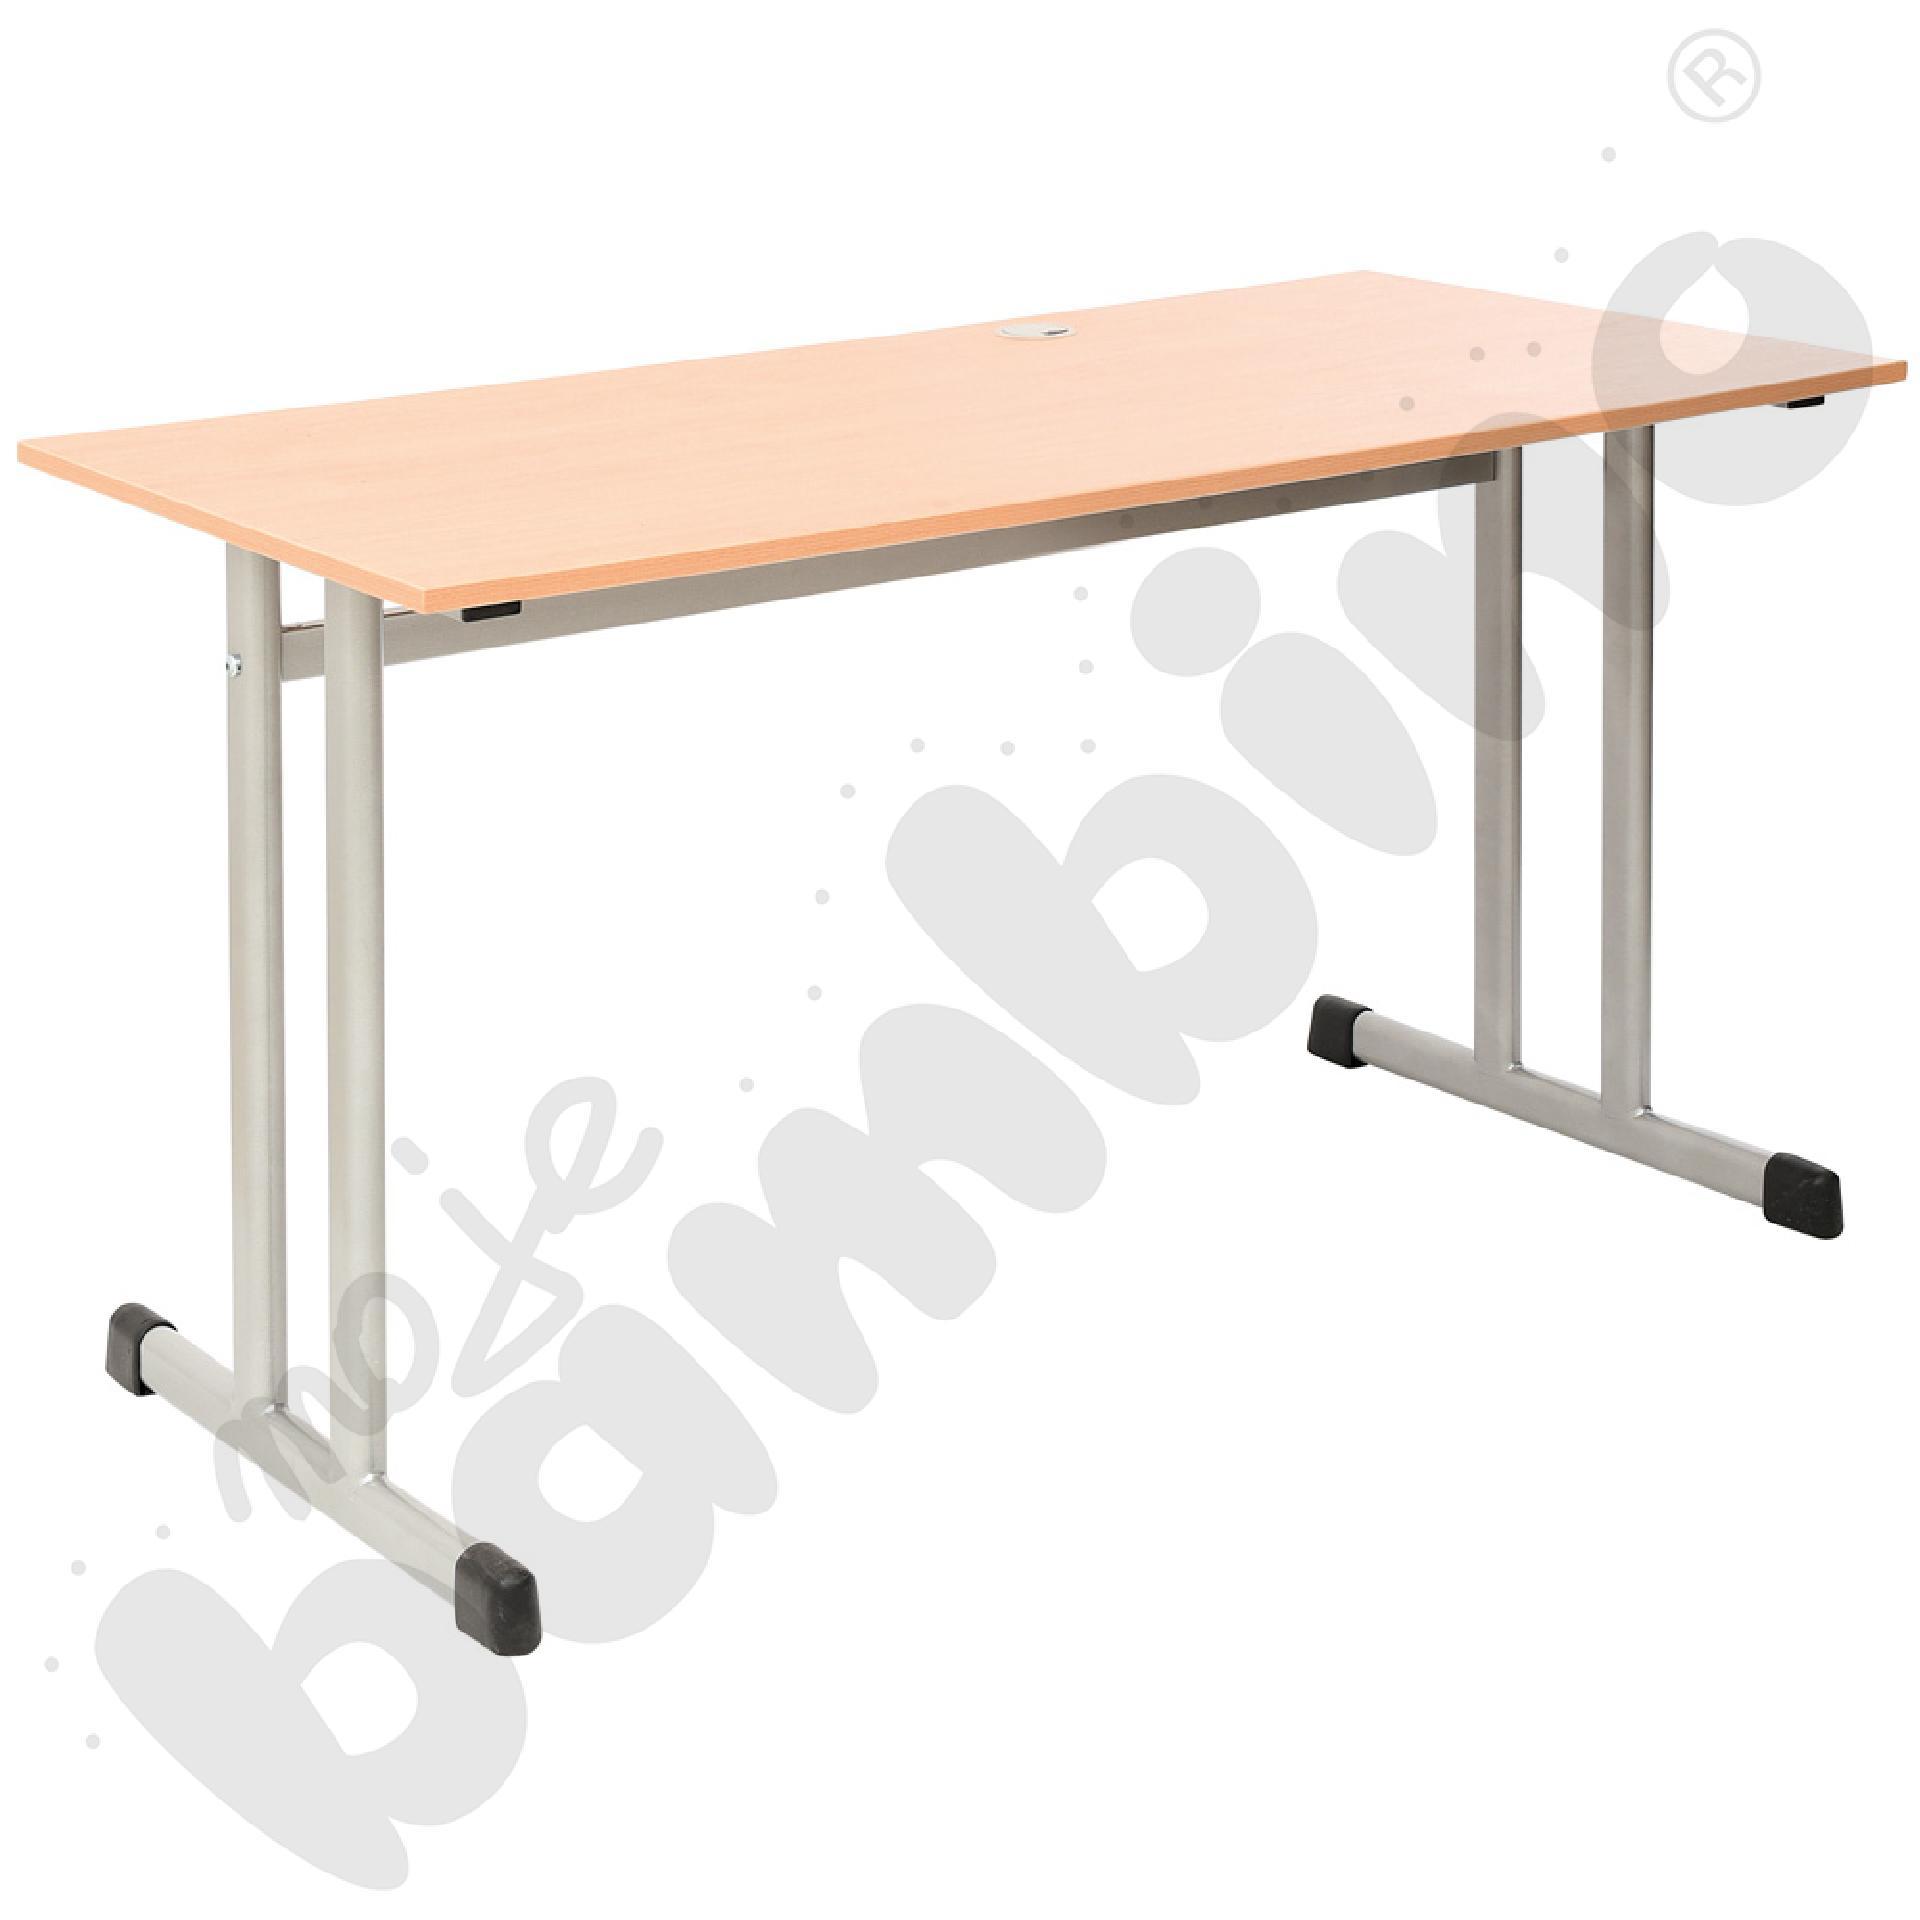 Stół IN-K 2-os srebrny rozm. 6